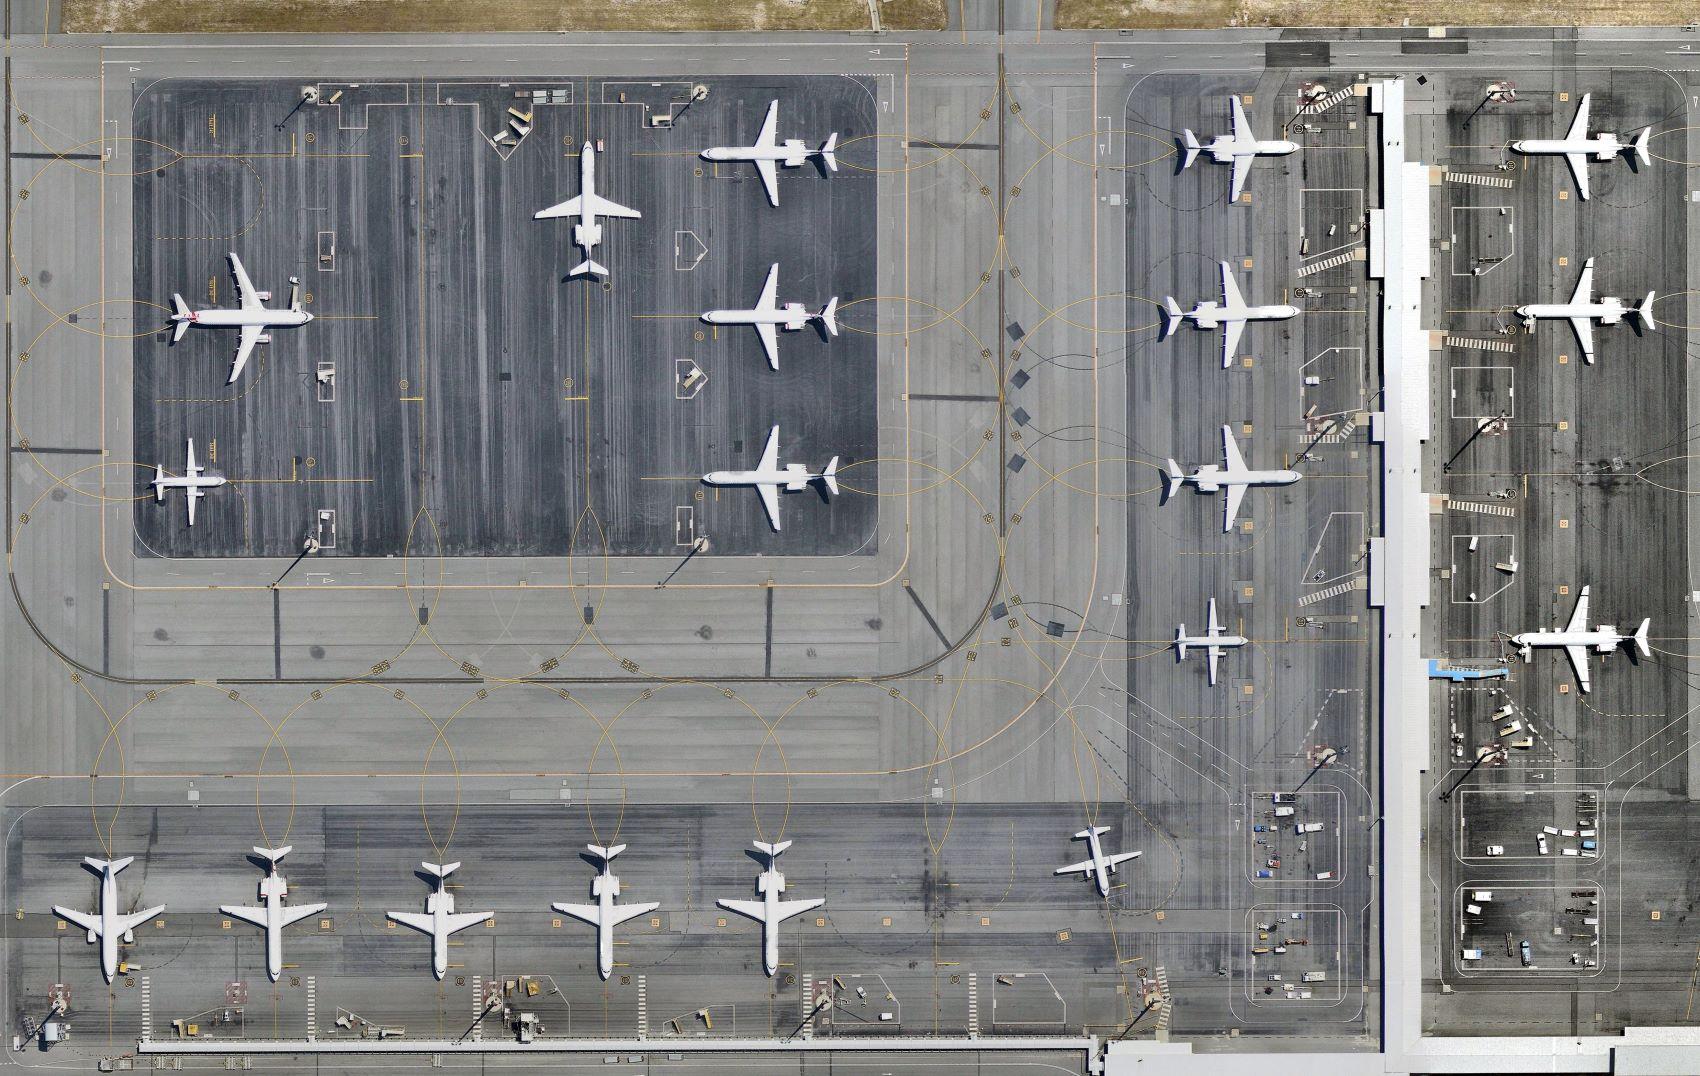 Caixa alerta para rombo de R$ 1,4 bilhão no FGTS com ajuda a aéreas – InfoMoney